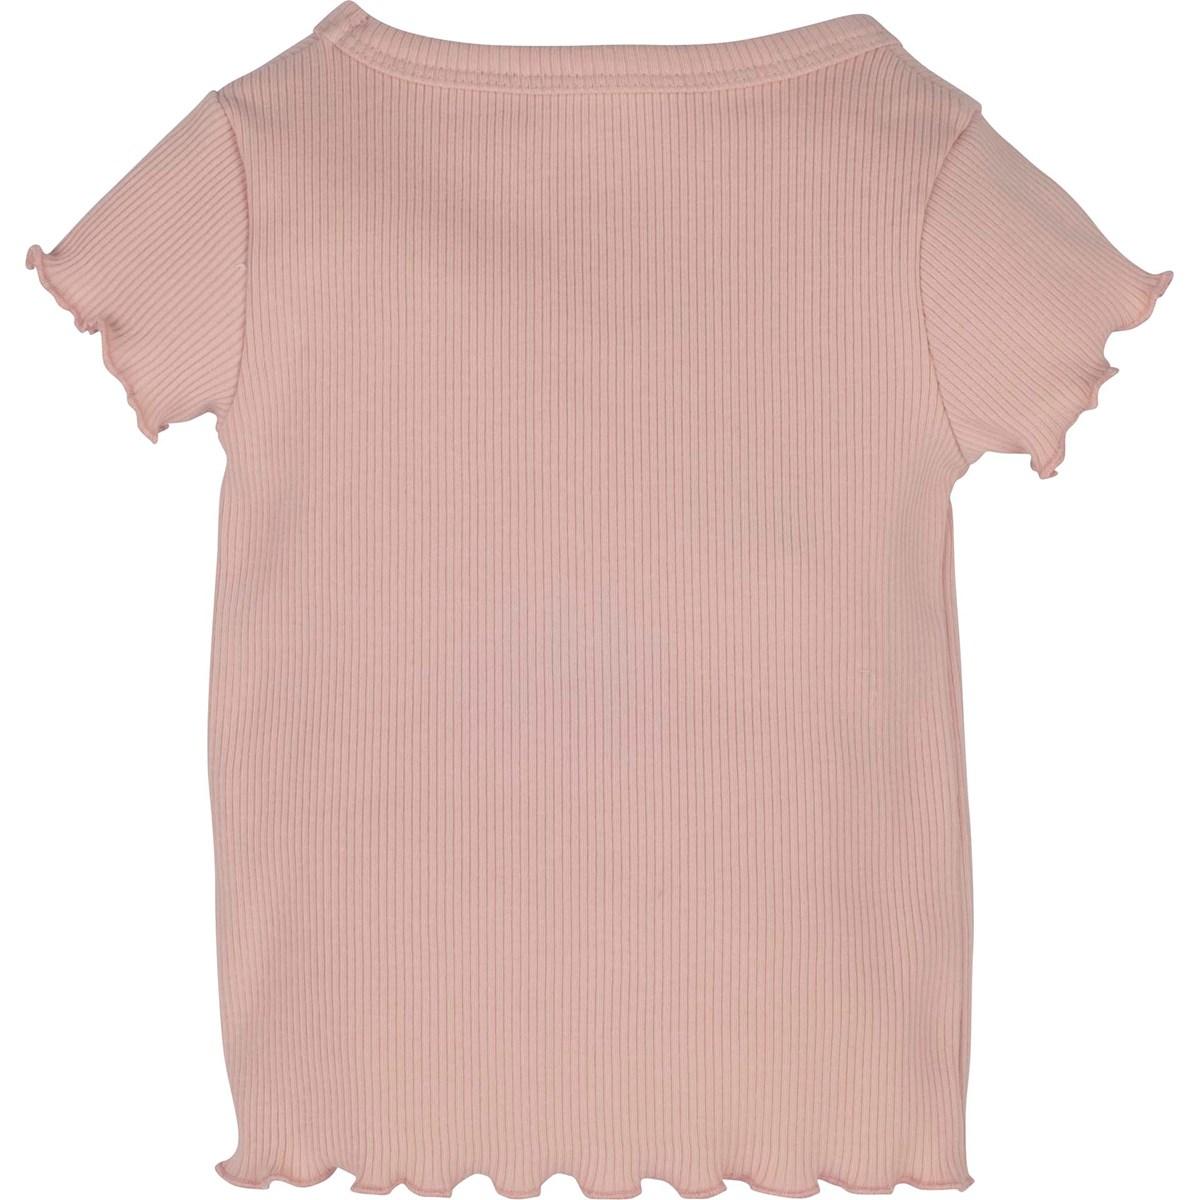 13483 T-Shirt 2